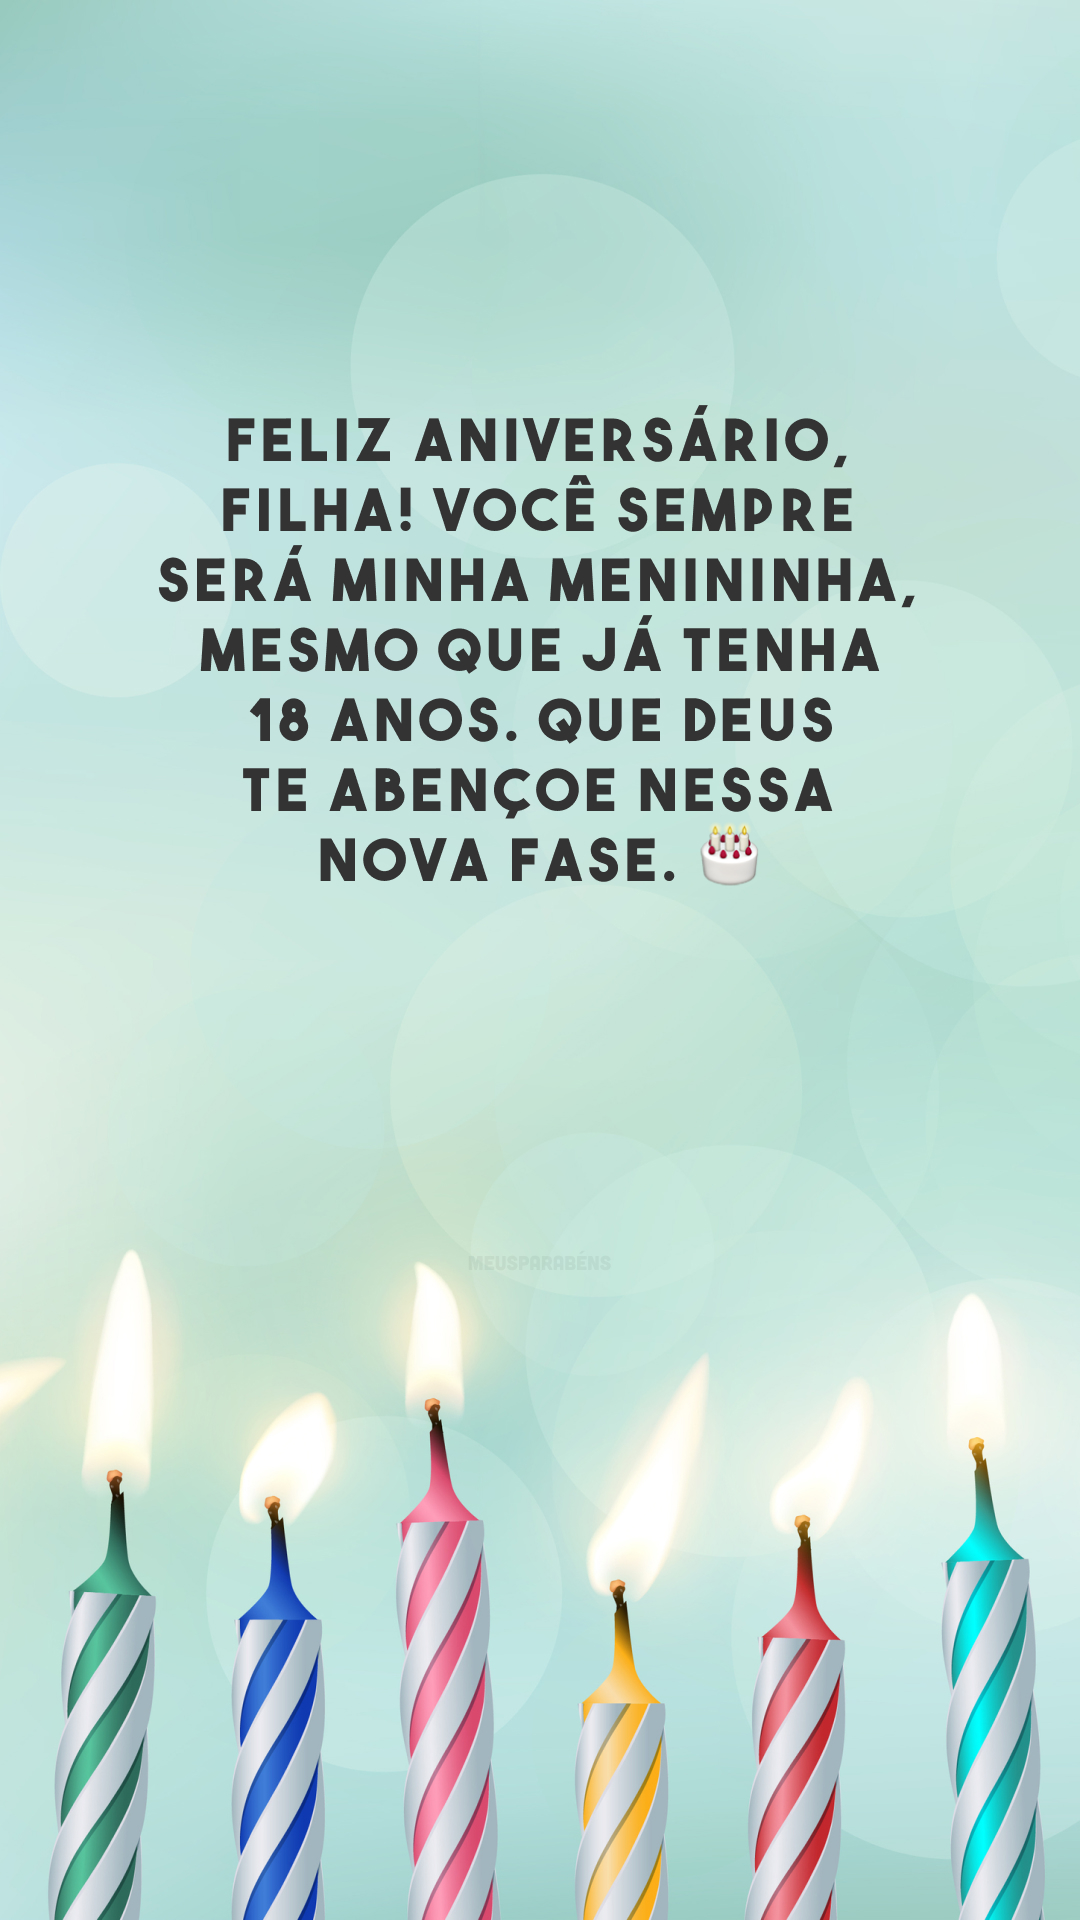 Feliz aniversário, filha! Você sempre será minha menininha, mesmo que já tenha 18 anos. Que Deus te abençoe nessa nova fase. 🎂